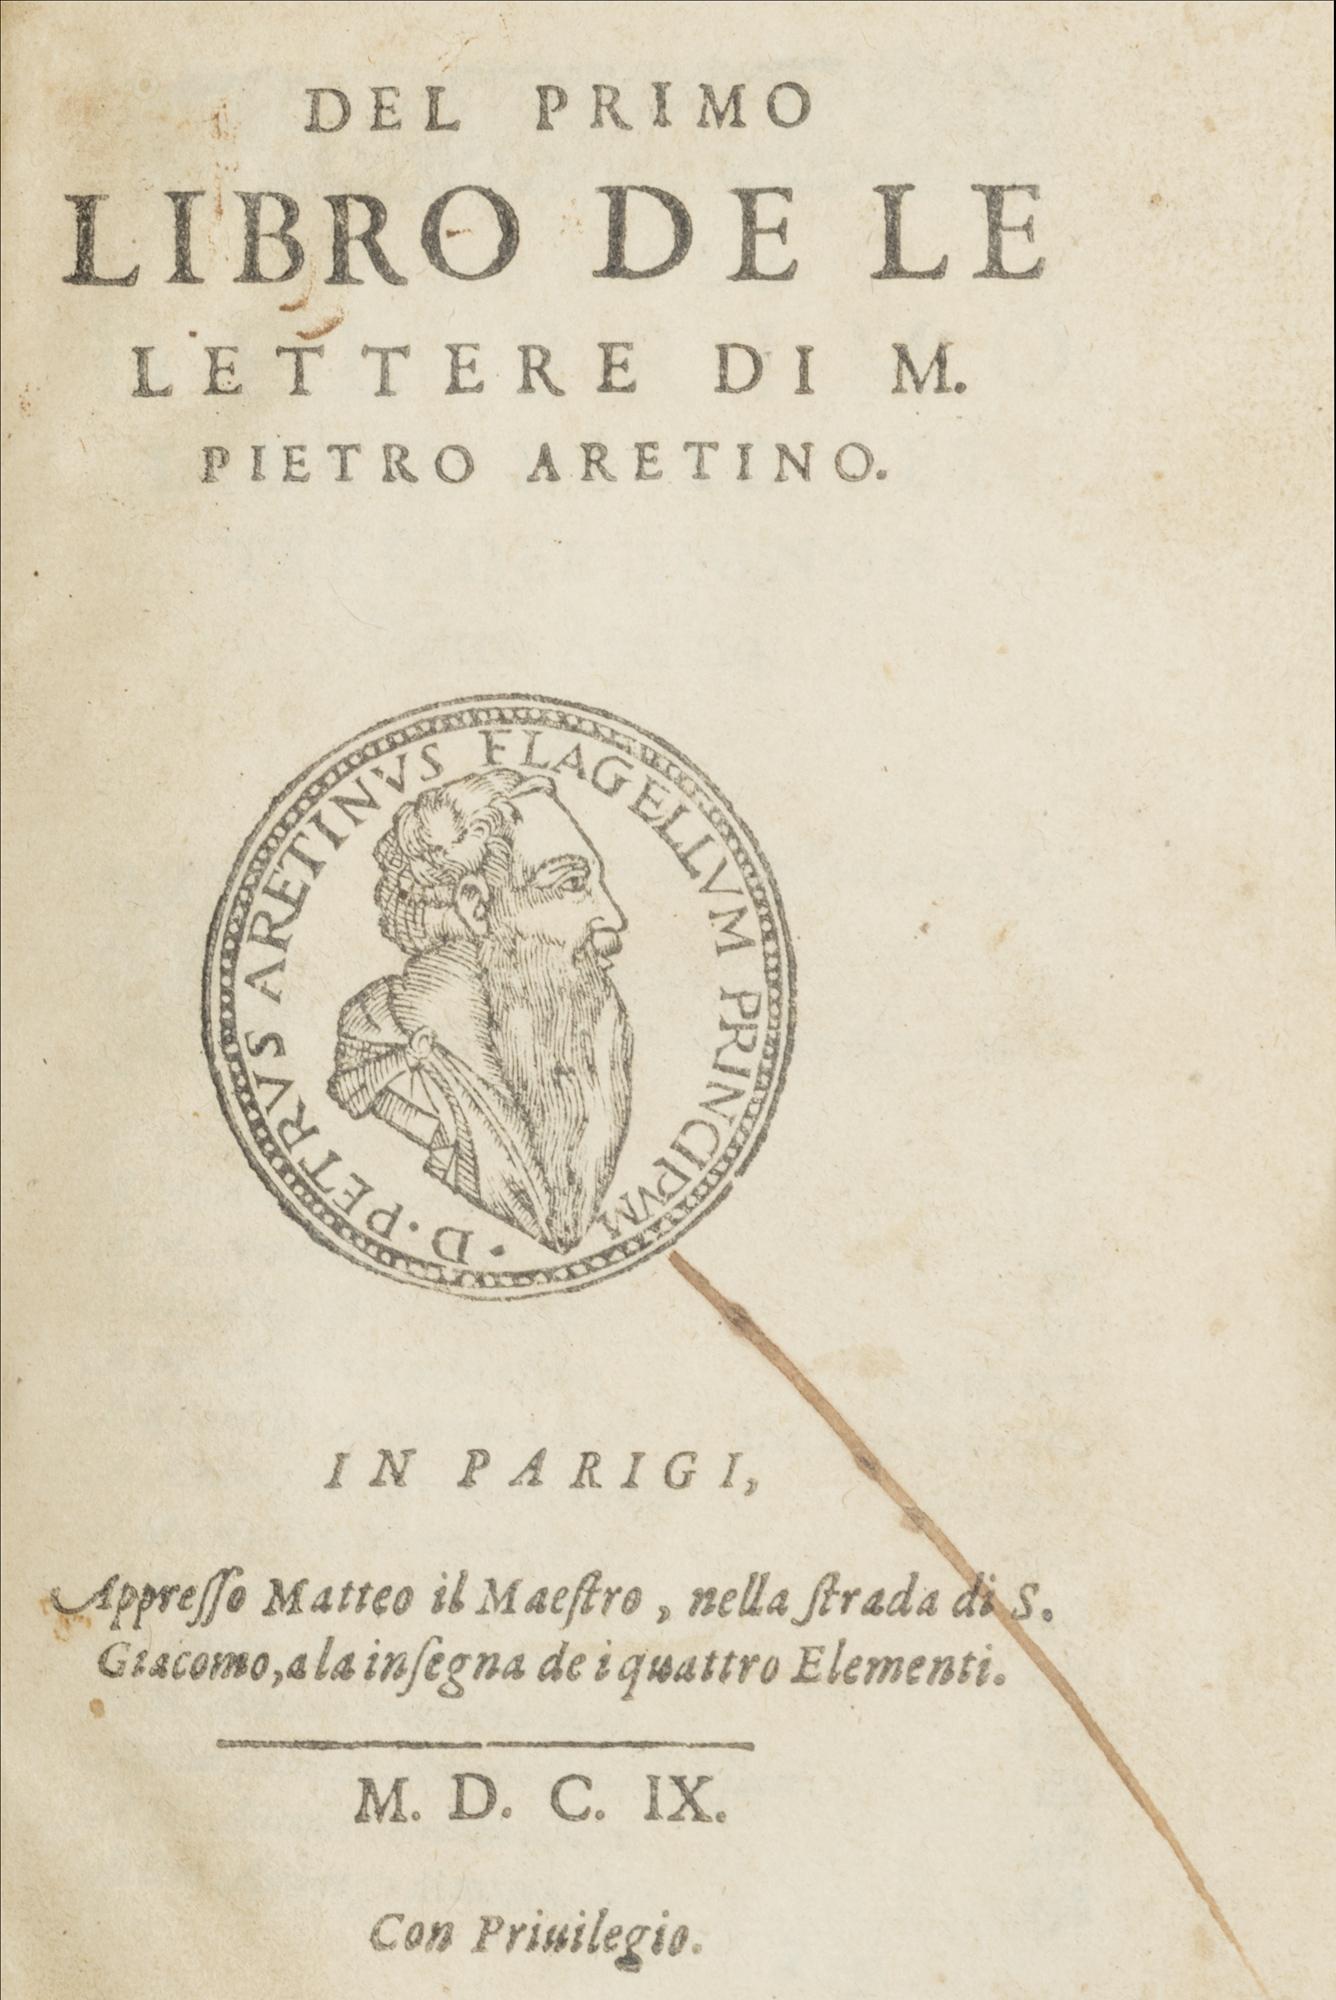 Del primo libro de le lettere